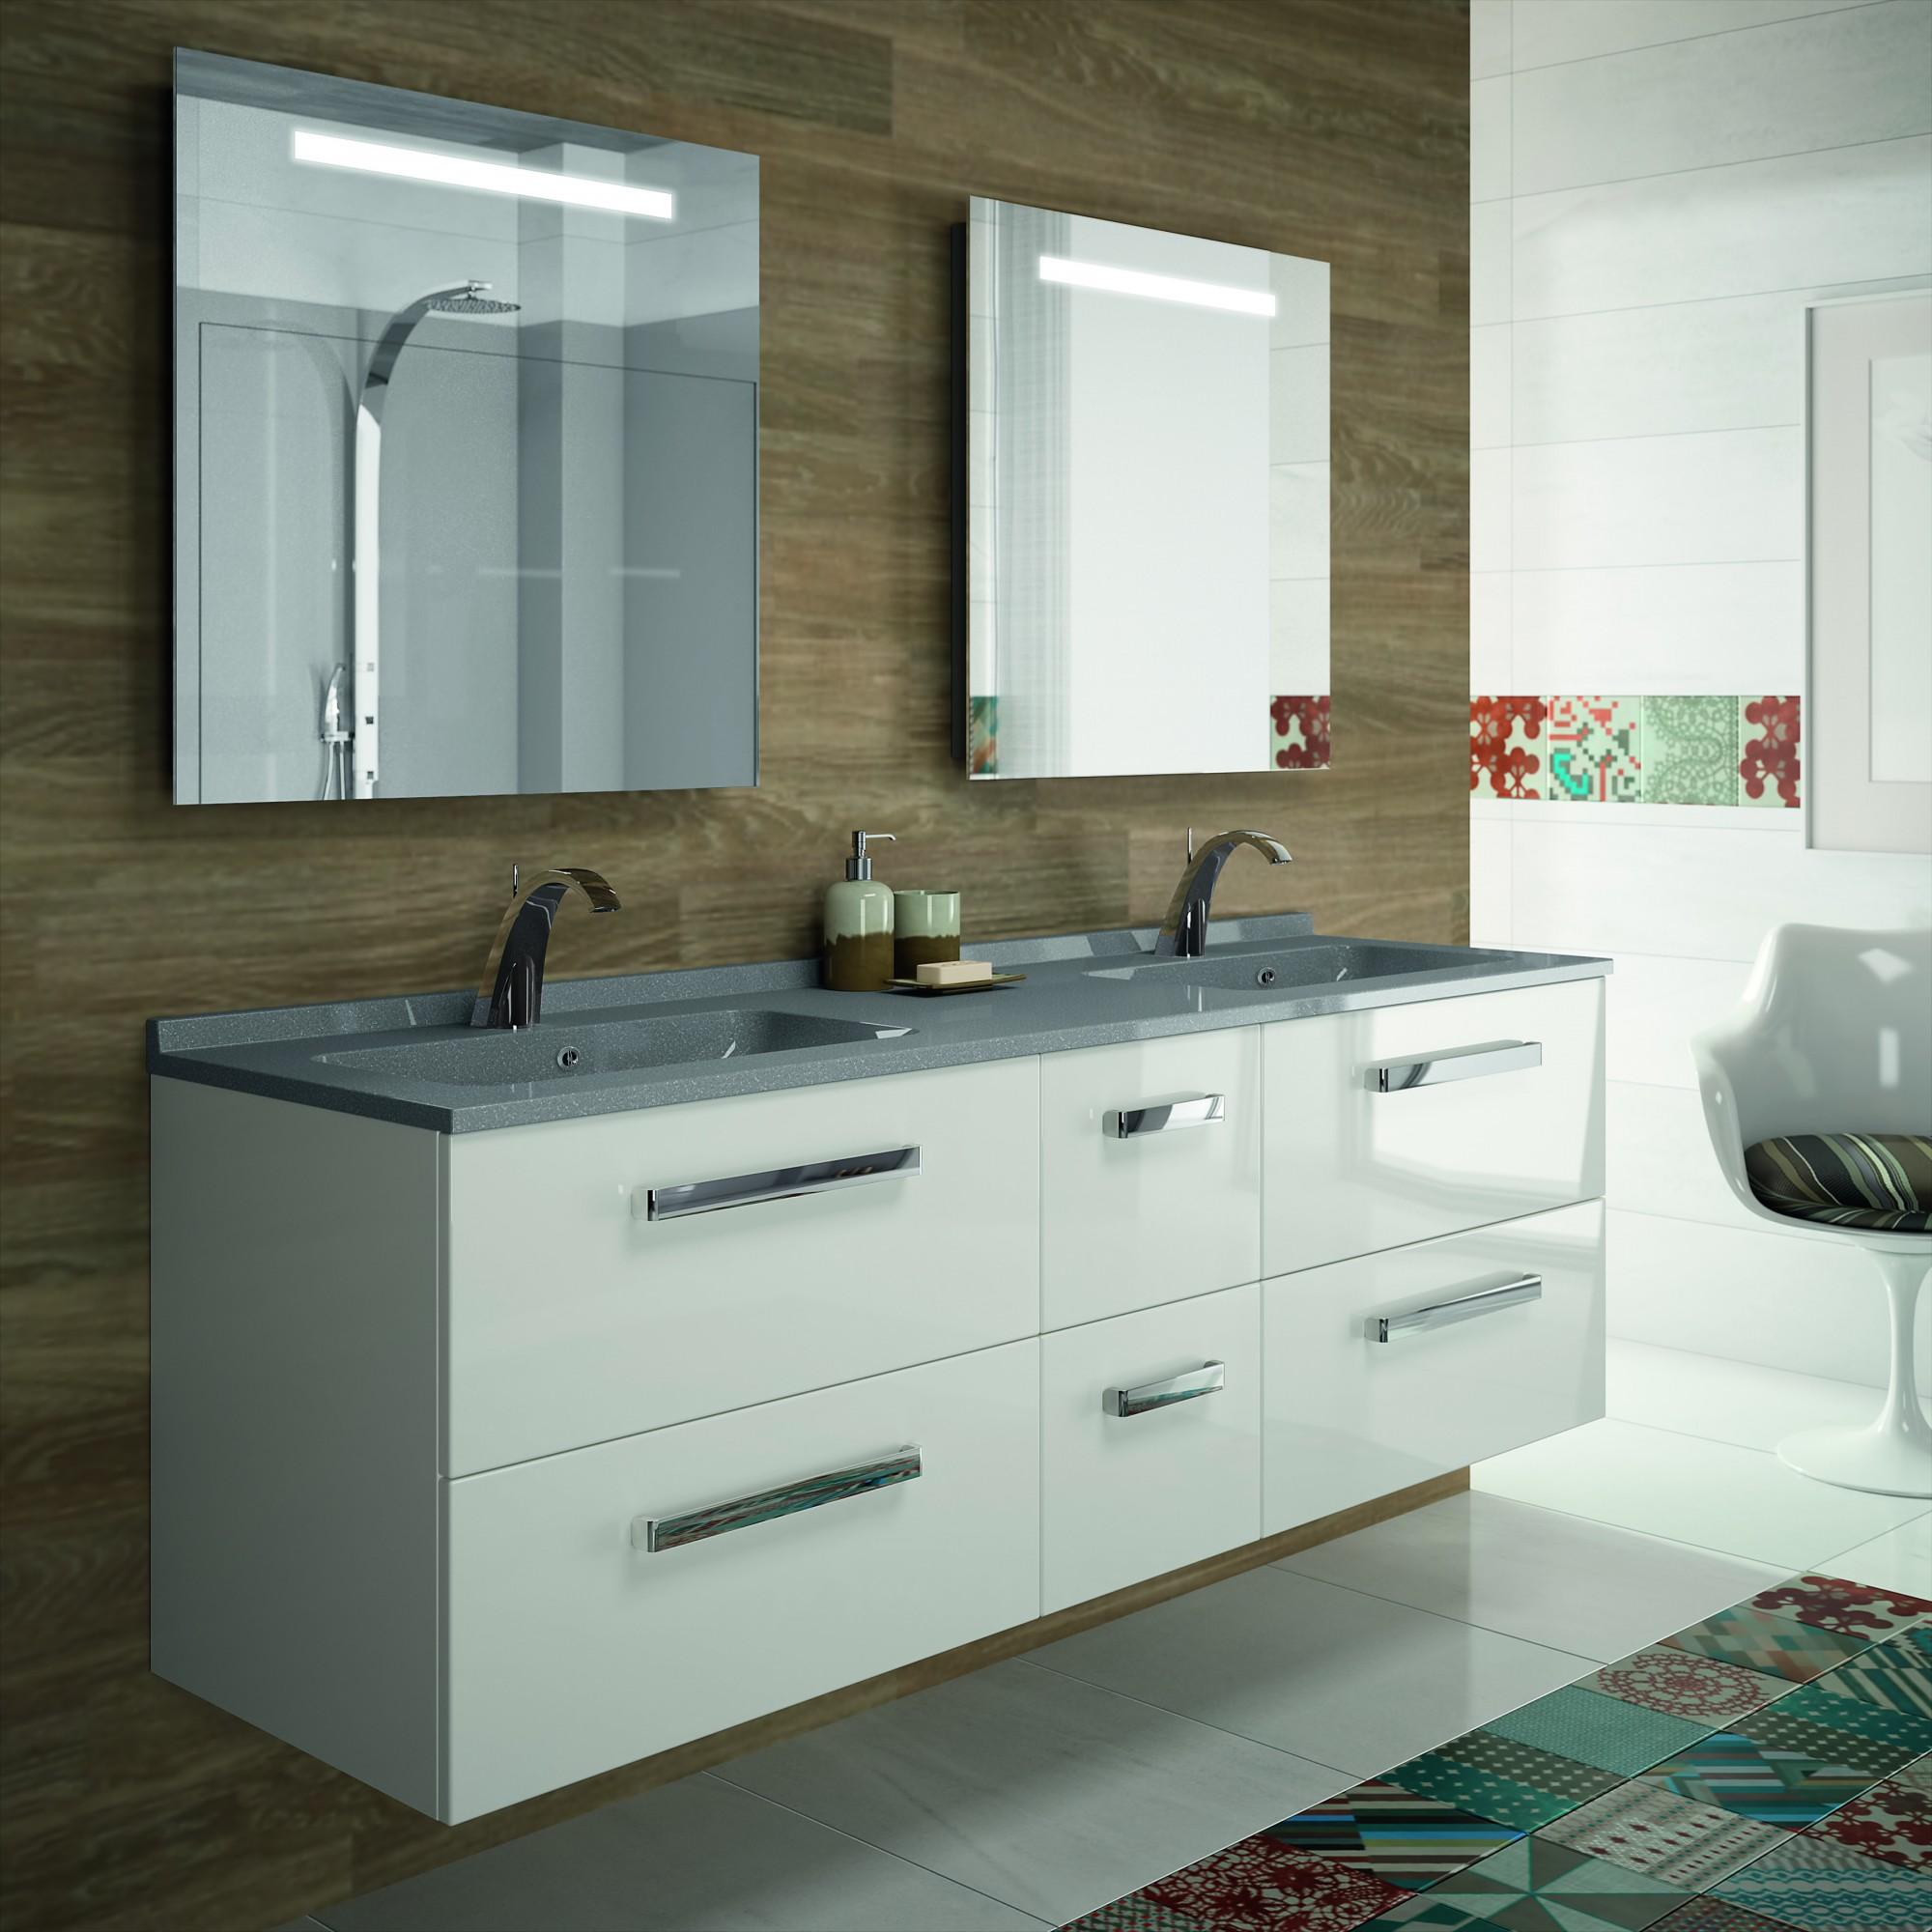 Baignoire Beton De Synthese plan de salle de bains simple ou double vasques en béton de